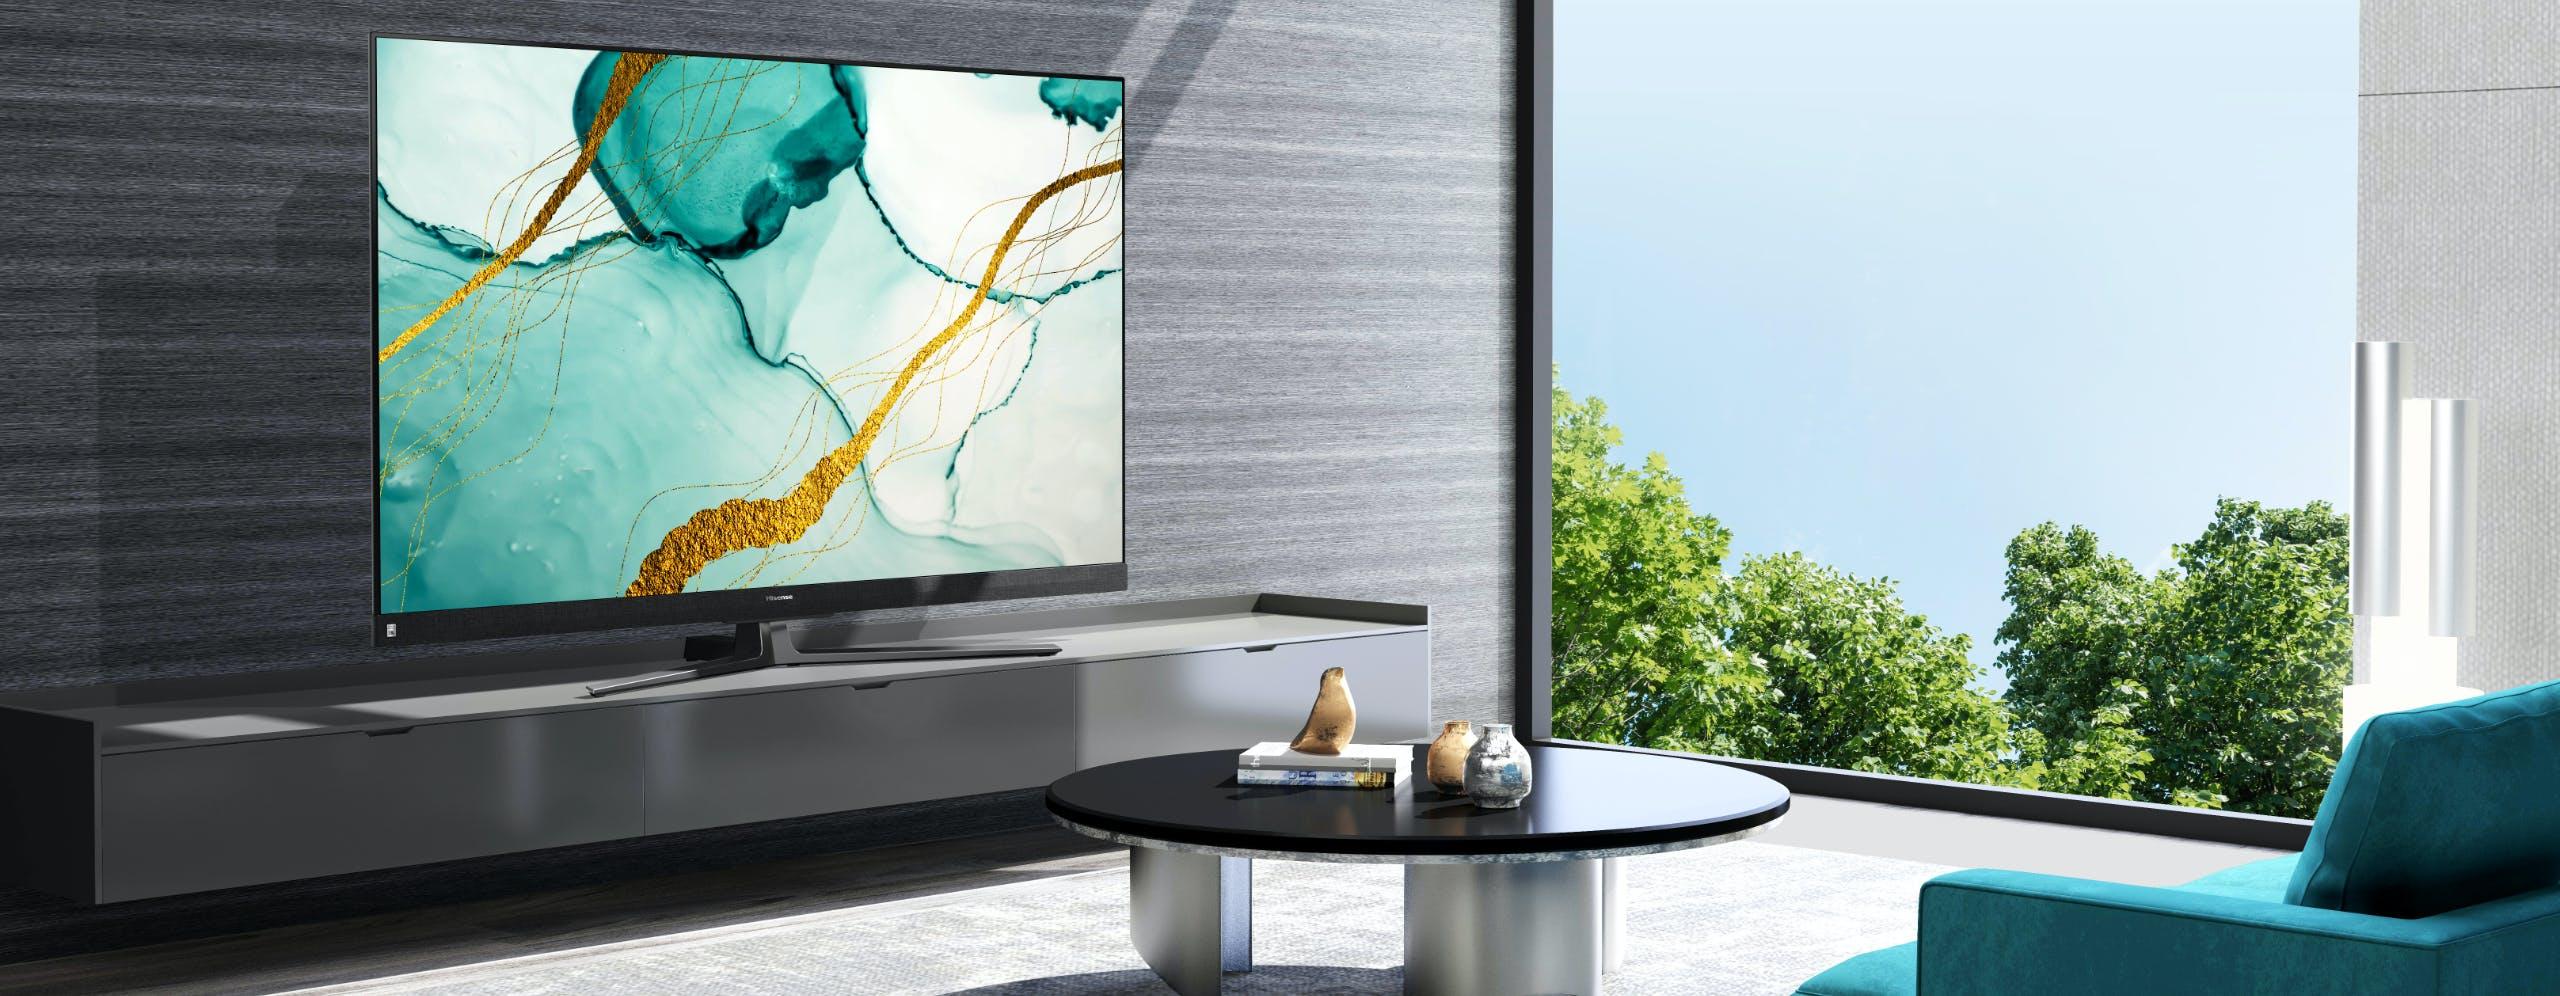 Hisense ULED 55U8QF, recensione. Local dimming e audio JBL al giusto prezzo